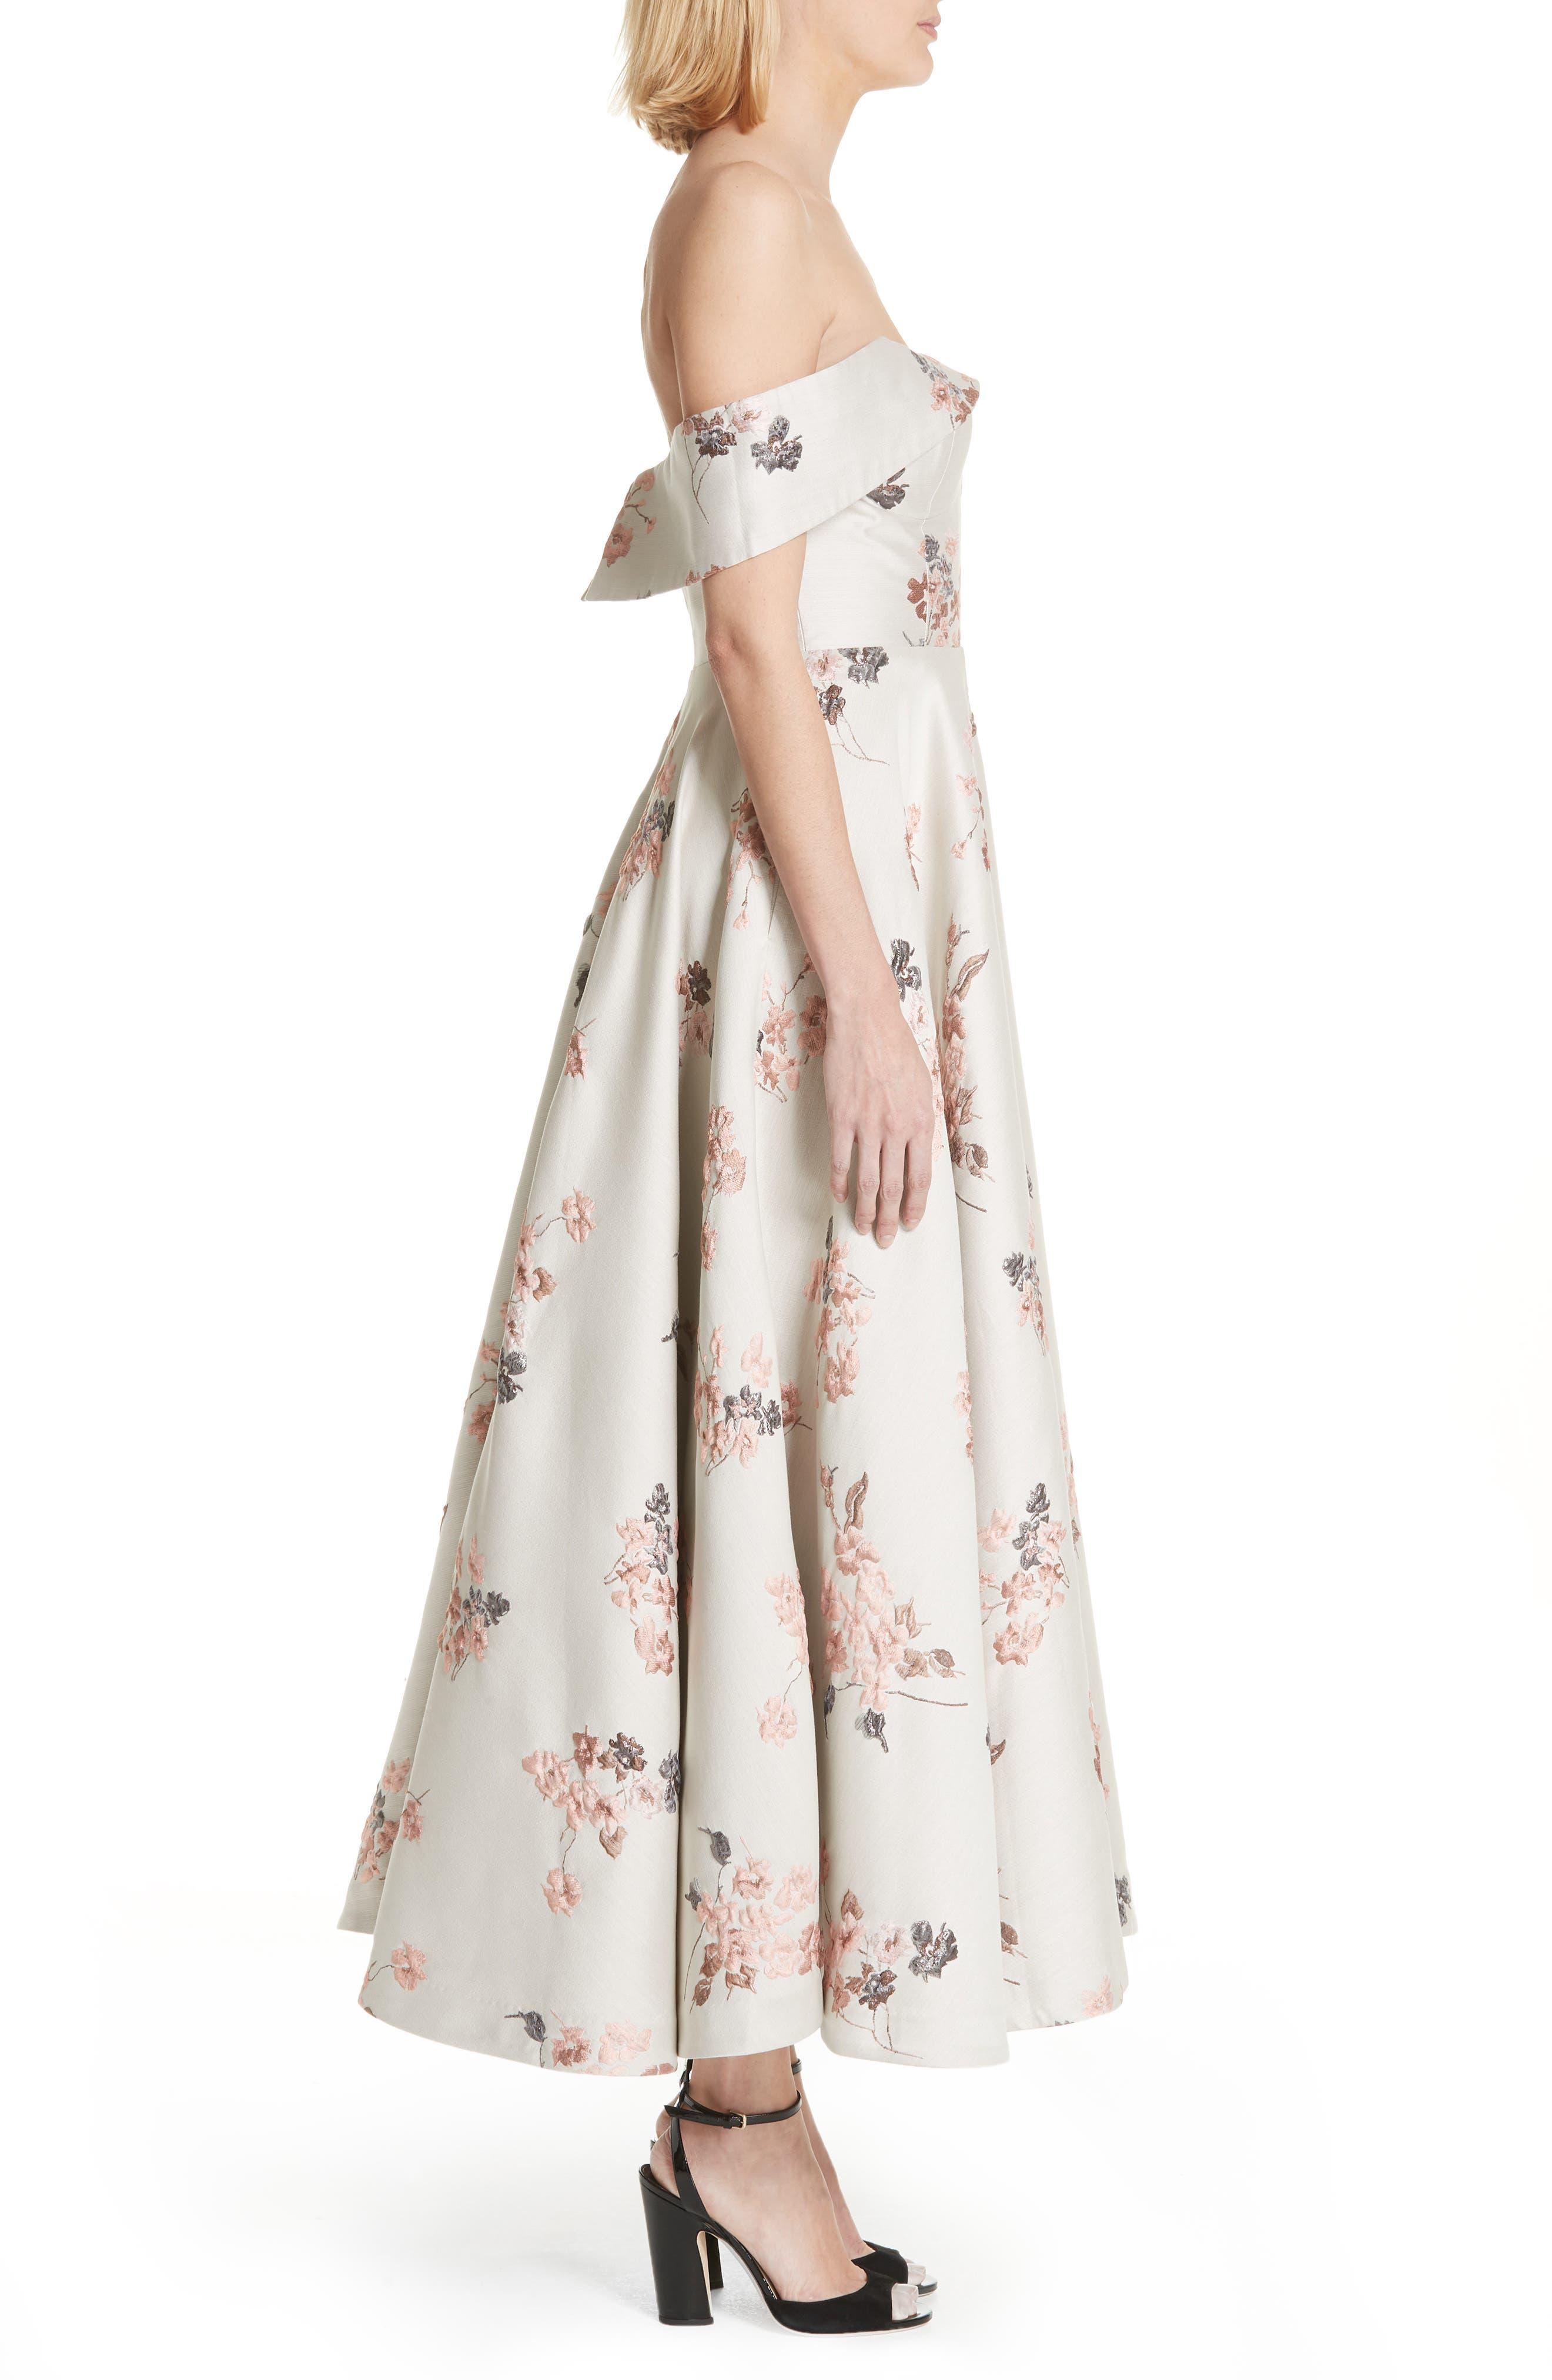 Metallic Floral Jacquard Off the Shoulder Dress,                             Alternate thumbnail 4, color,                             Beige/ Pink